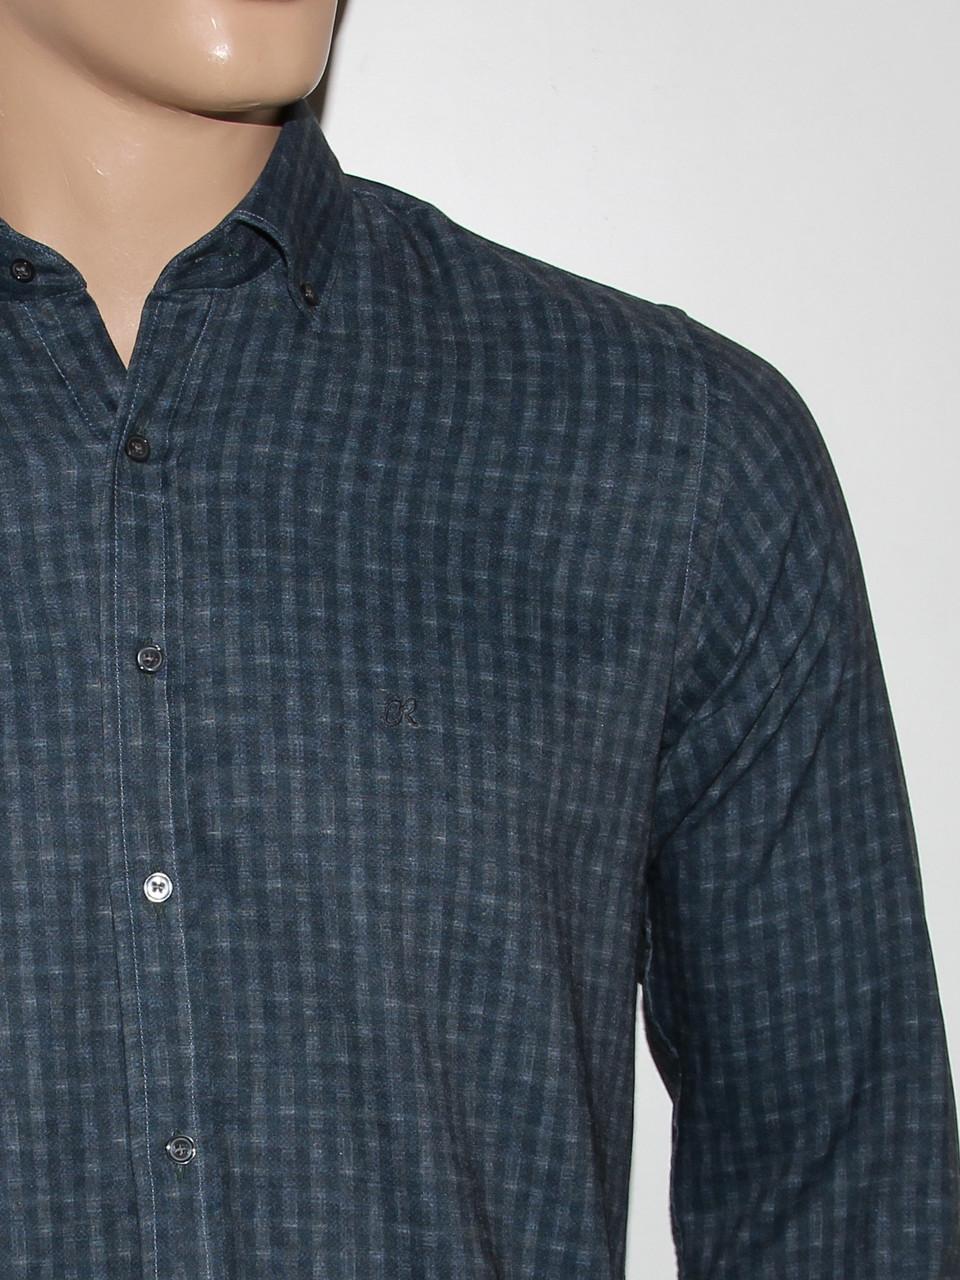 Рубашка приталенная Cardozo серая - фото 2